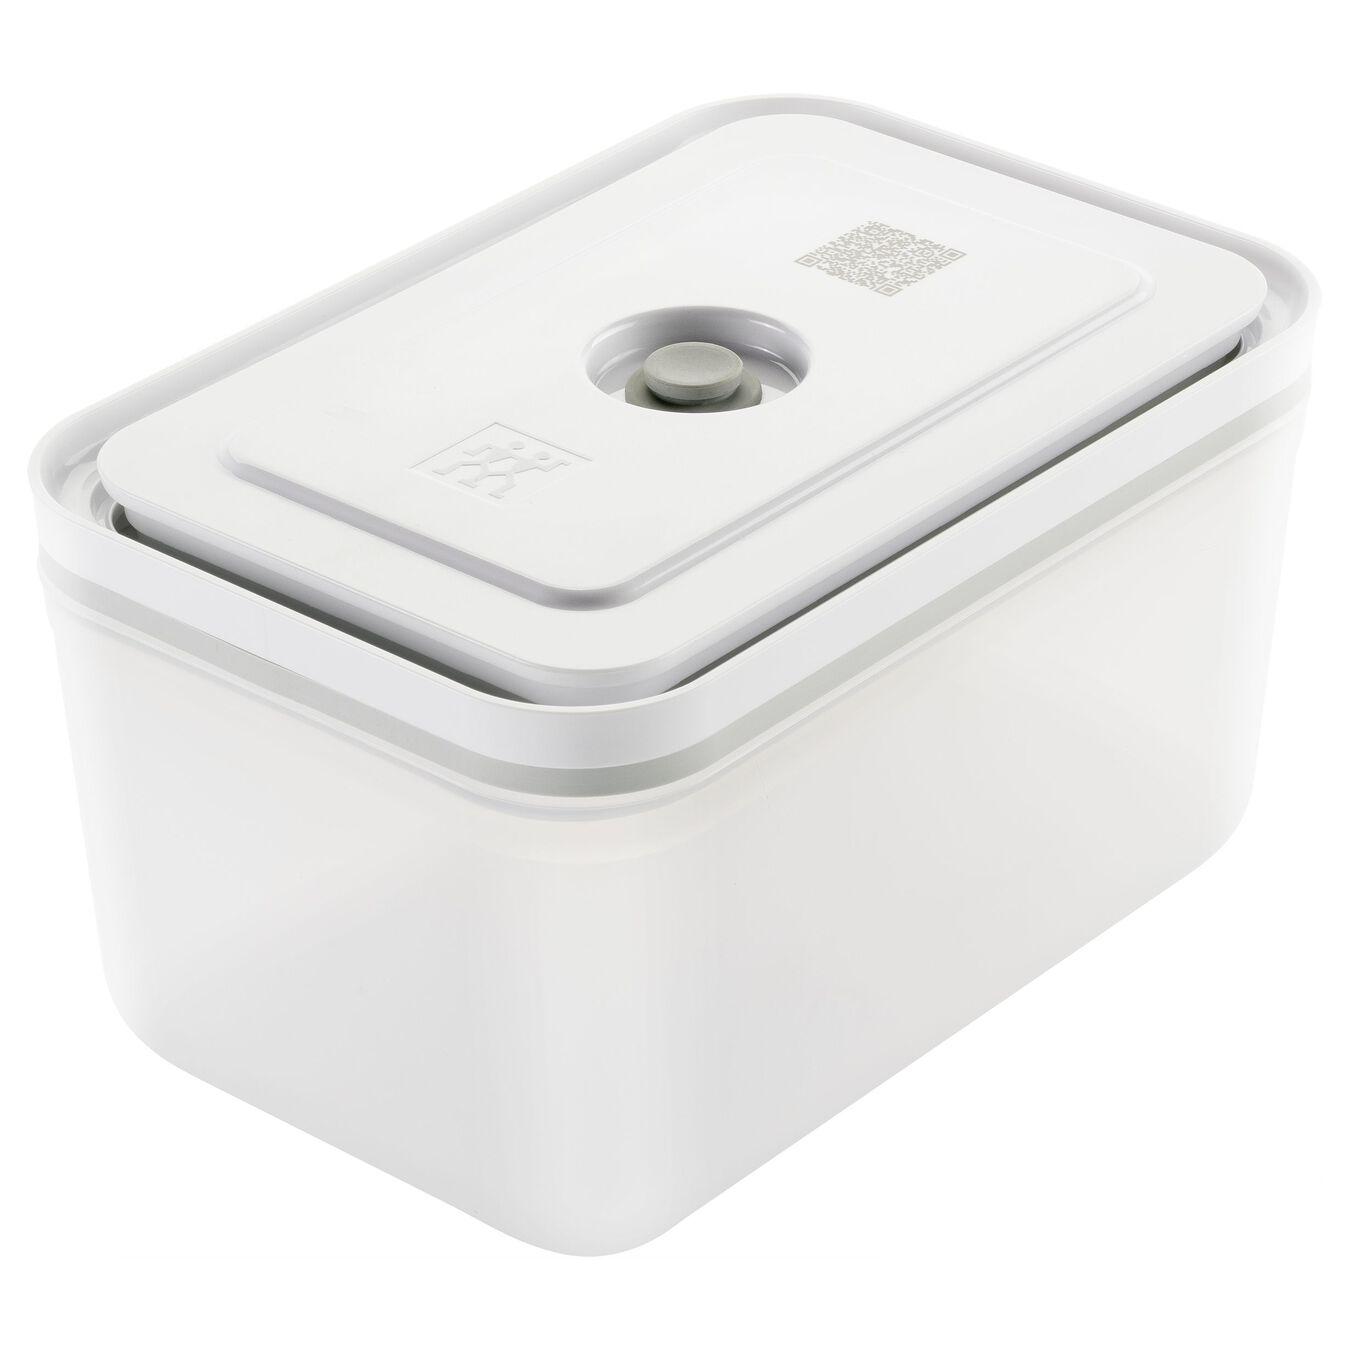 Vakuum Starterset, Kunststoff / M/L, 7-tlg, Weiß,,large 4